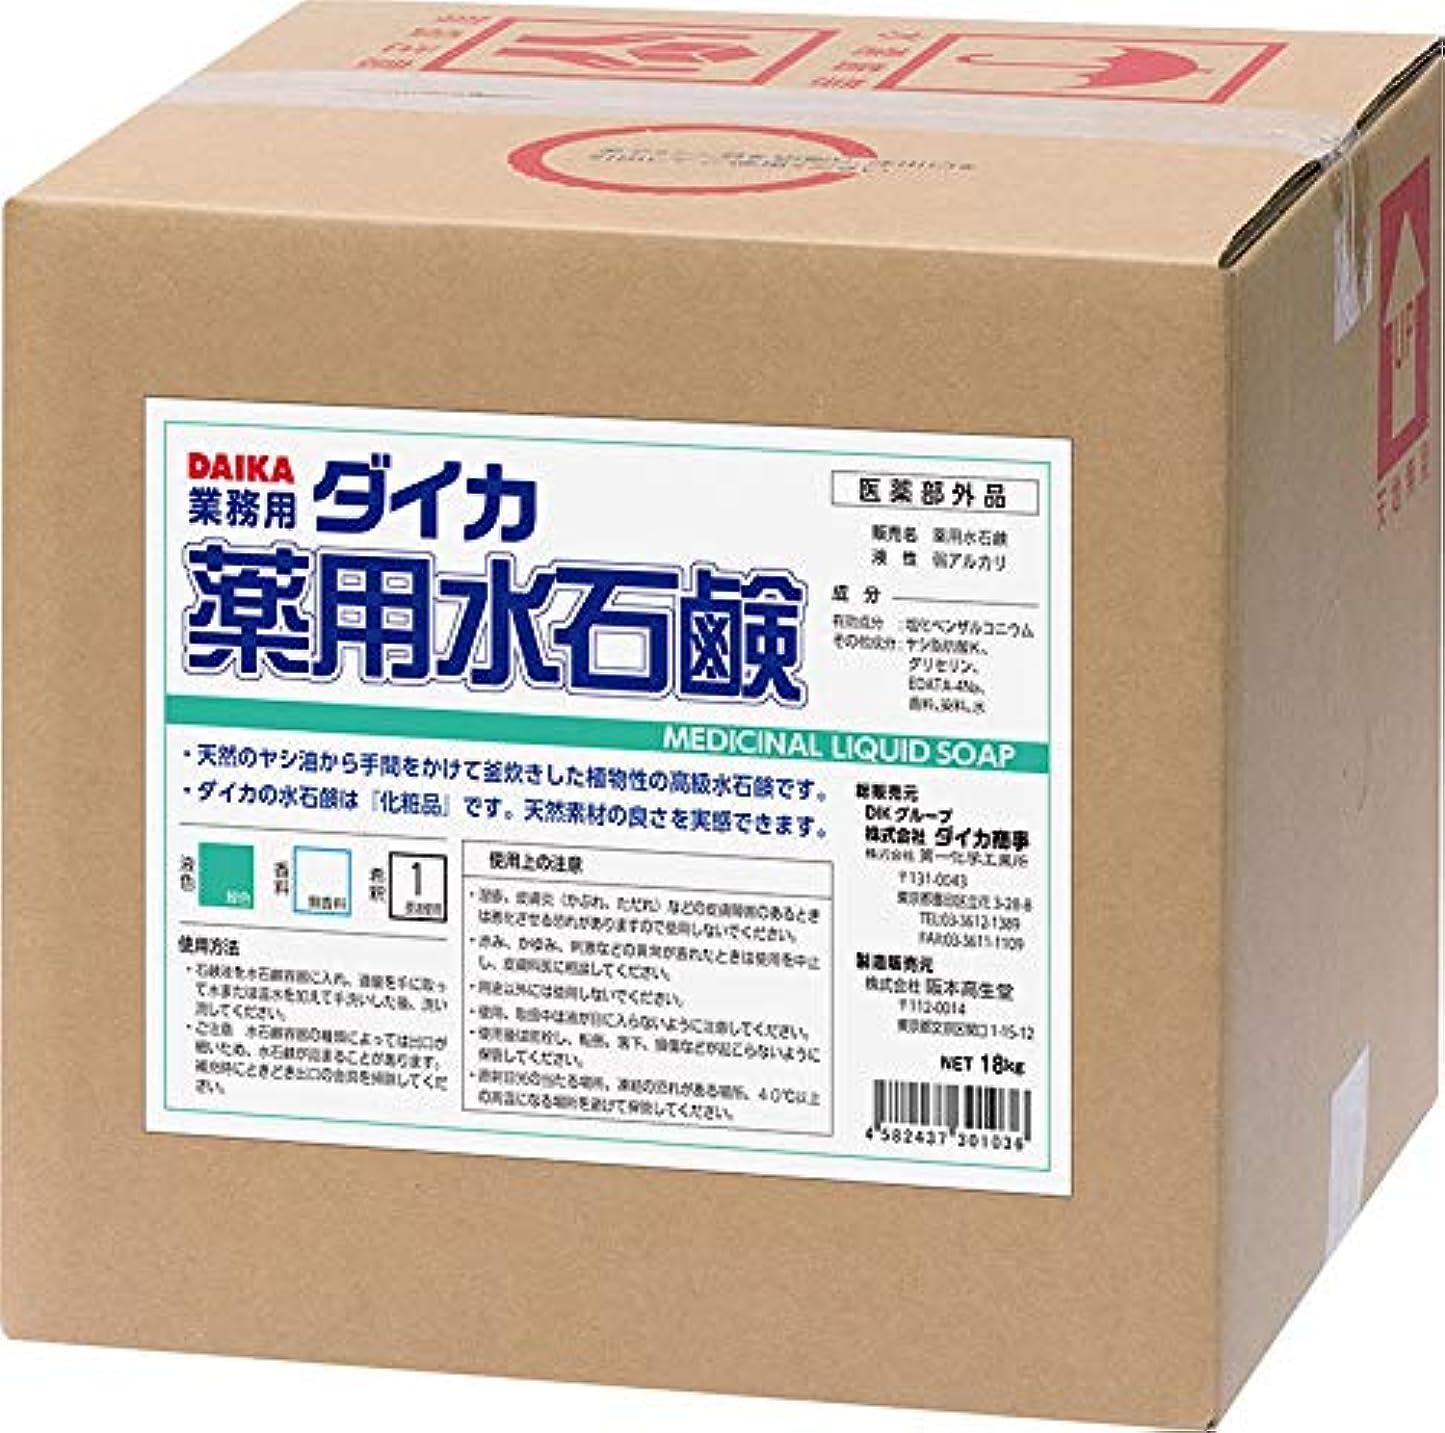 矩形不安継承【医薬部外品】業務用 ハンドソープ ダイカ 薬用 水石鹸 MGN 18kg